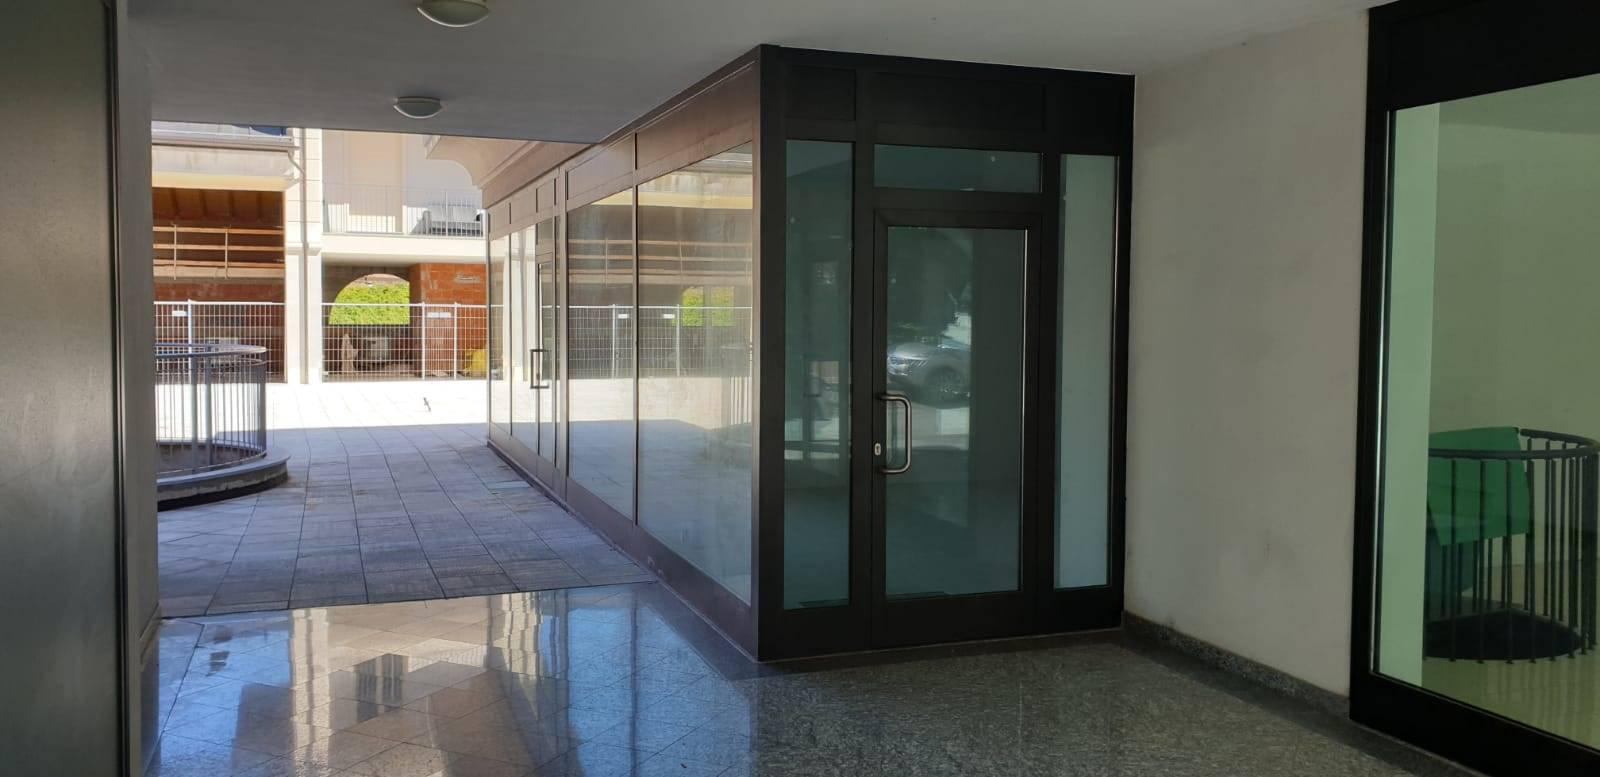 Negozio o Ufficio in AFFITTO a COLICO - 2